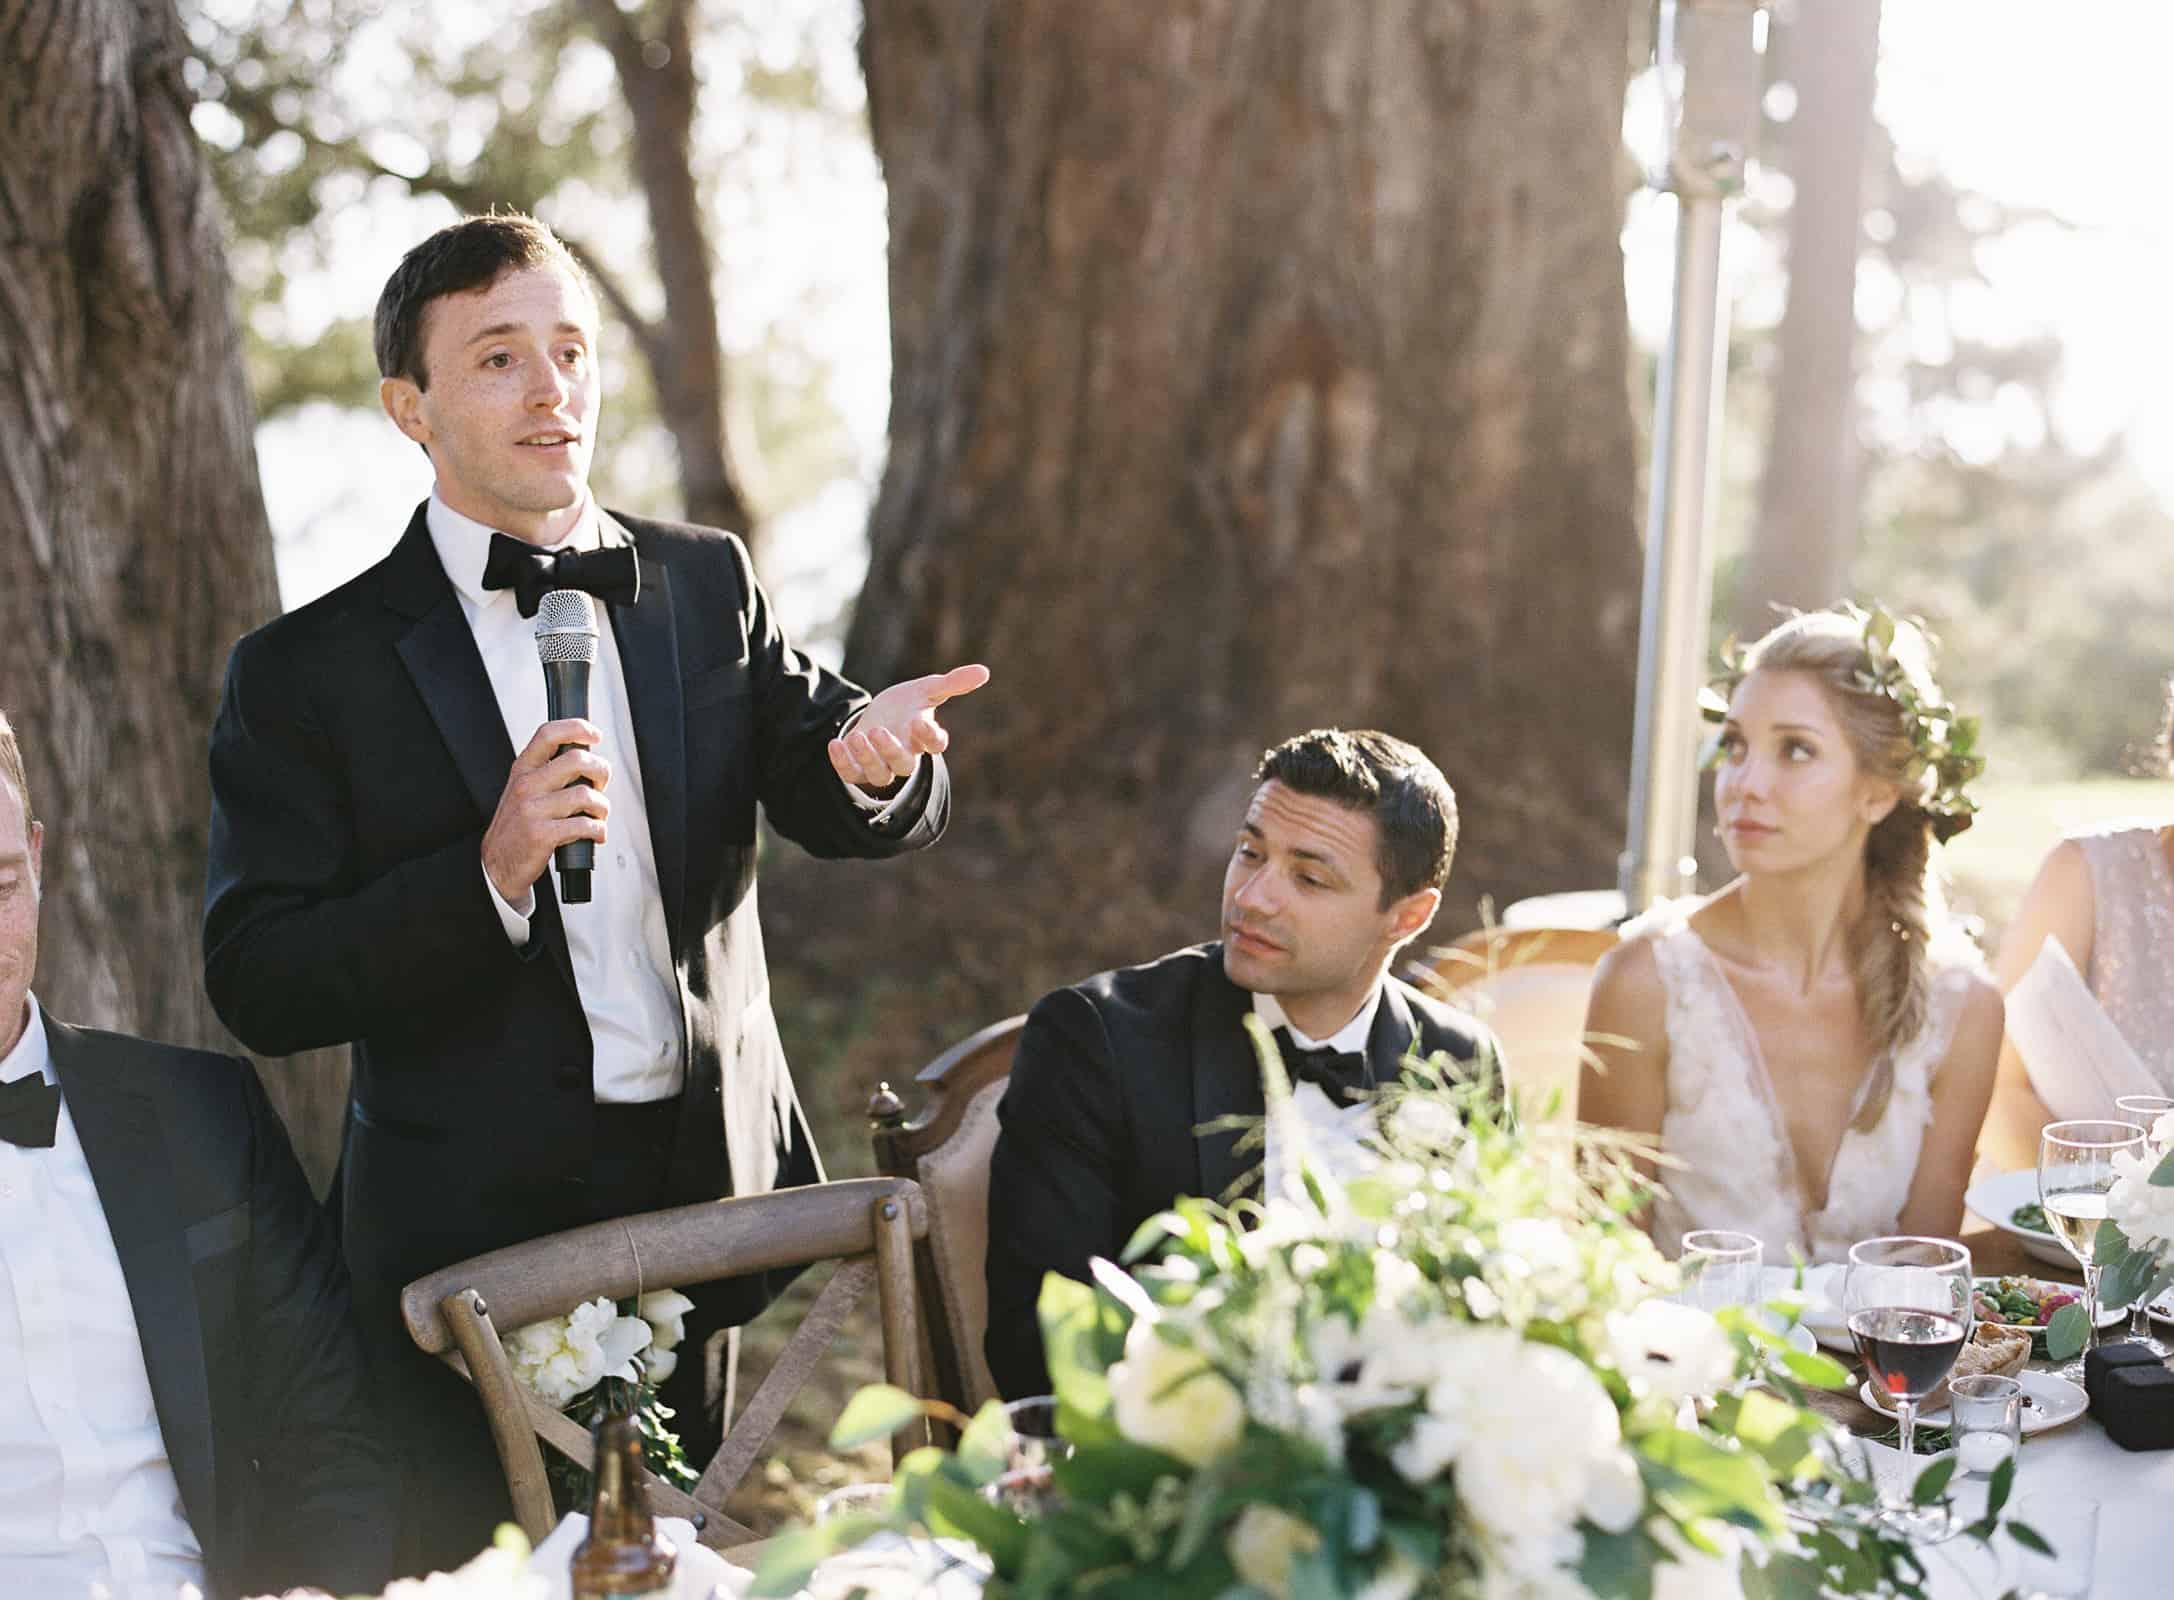 best man giving a speech